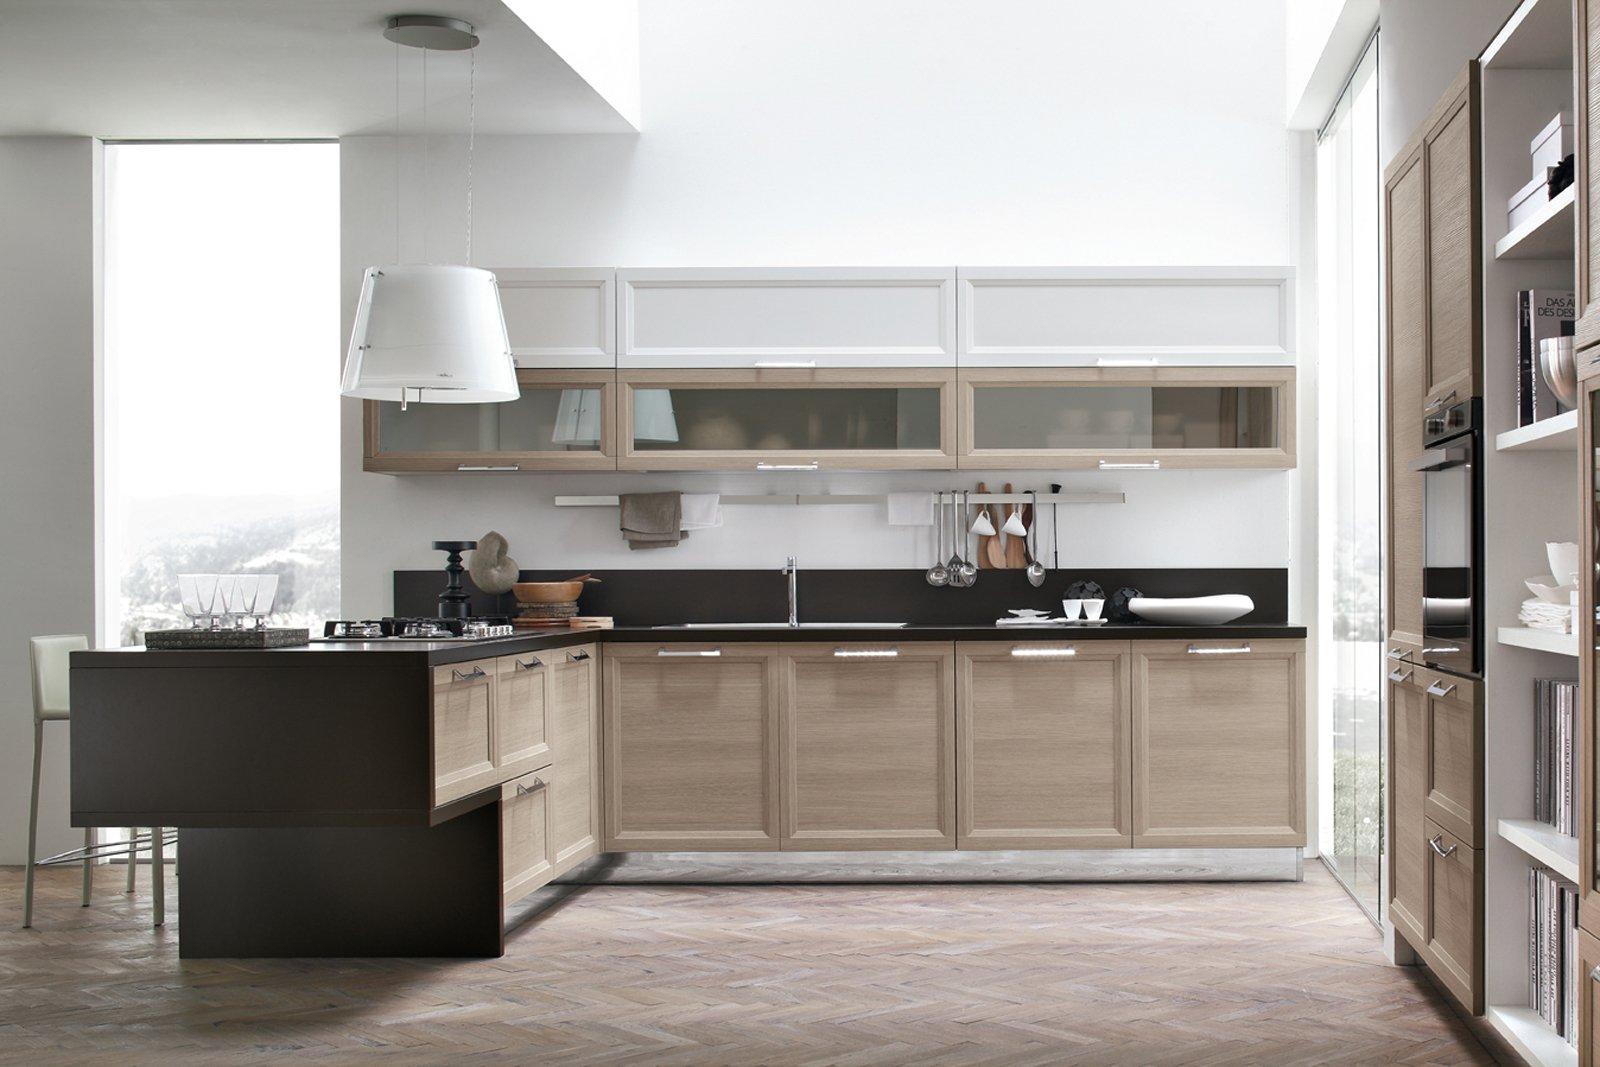 Cucine con penisola cose di casa for Programma per comporre cucine